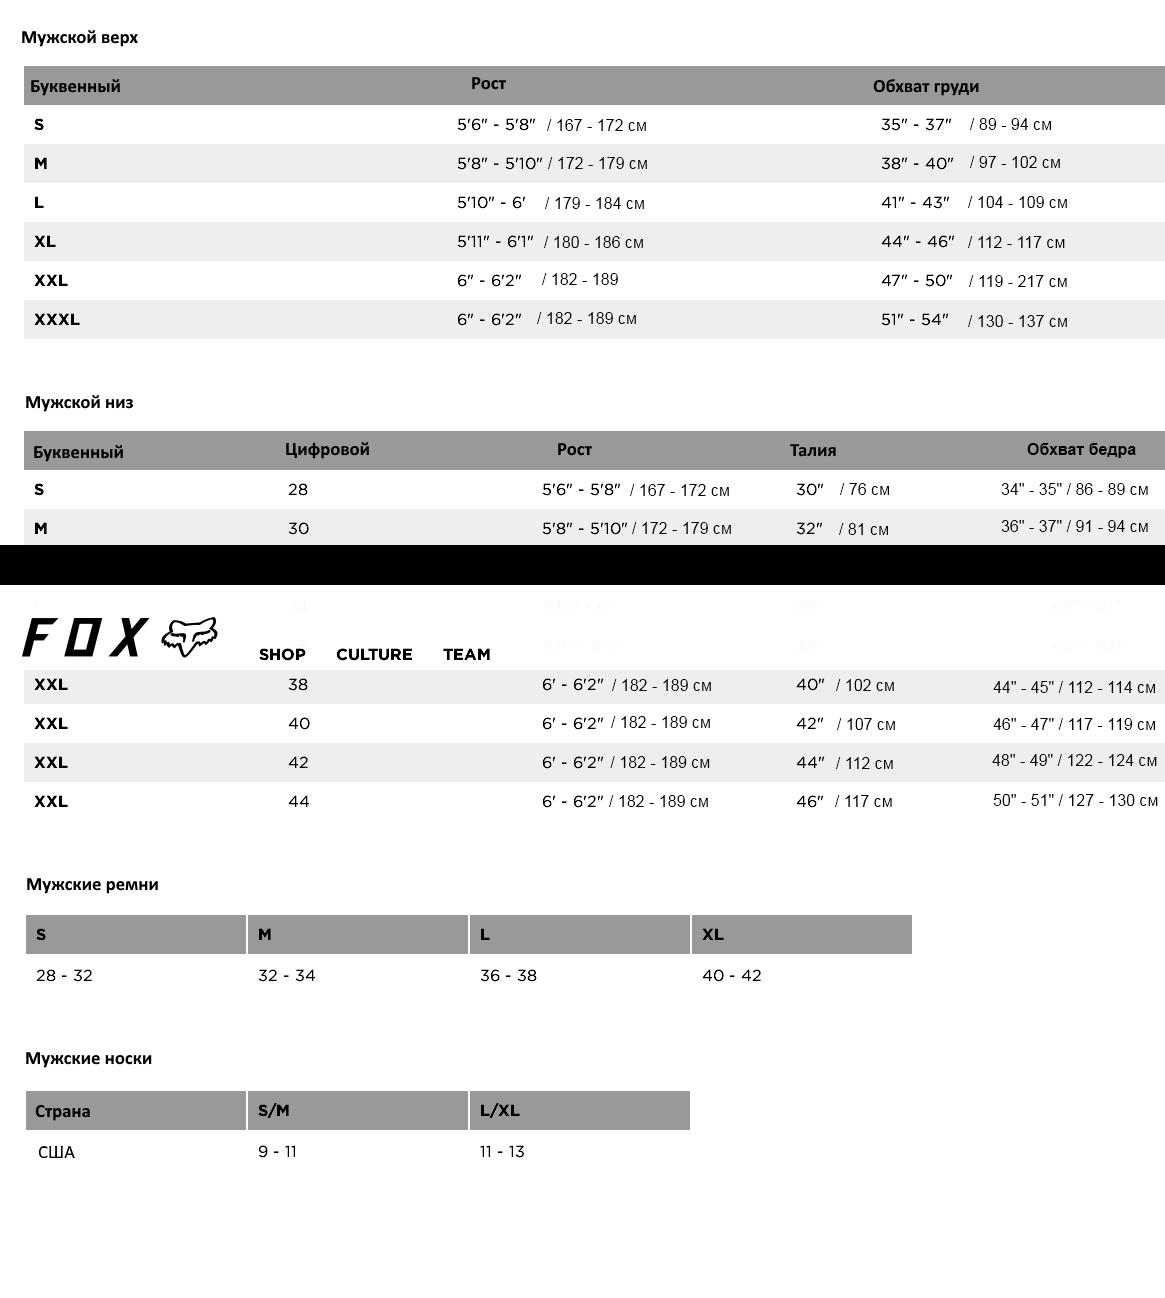 Соответствие размеров одежды Fox Racing